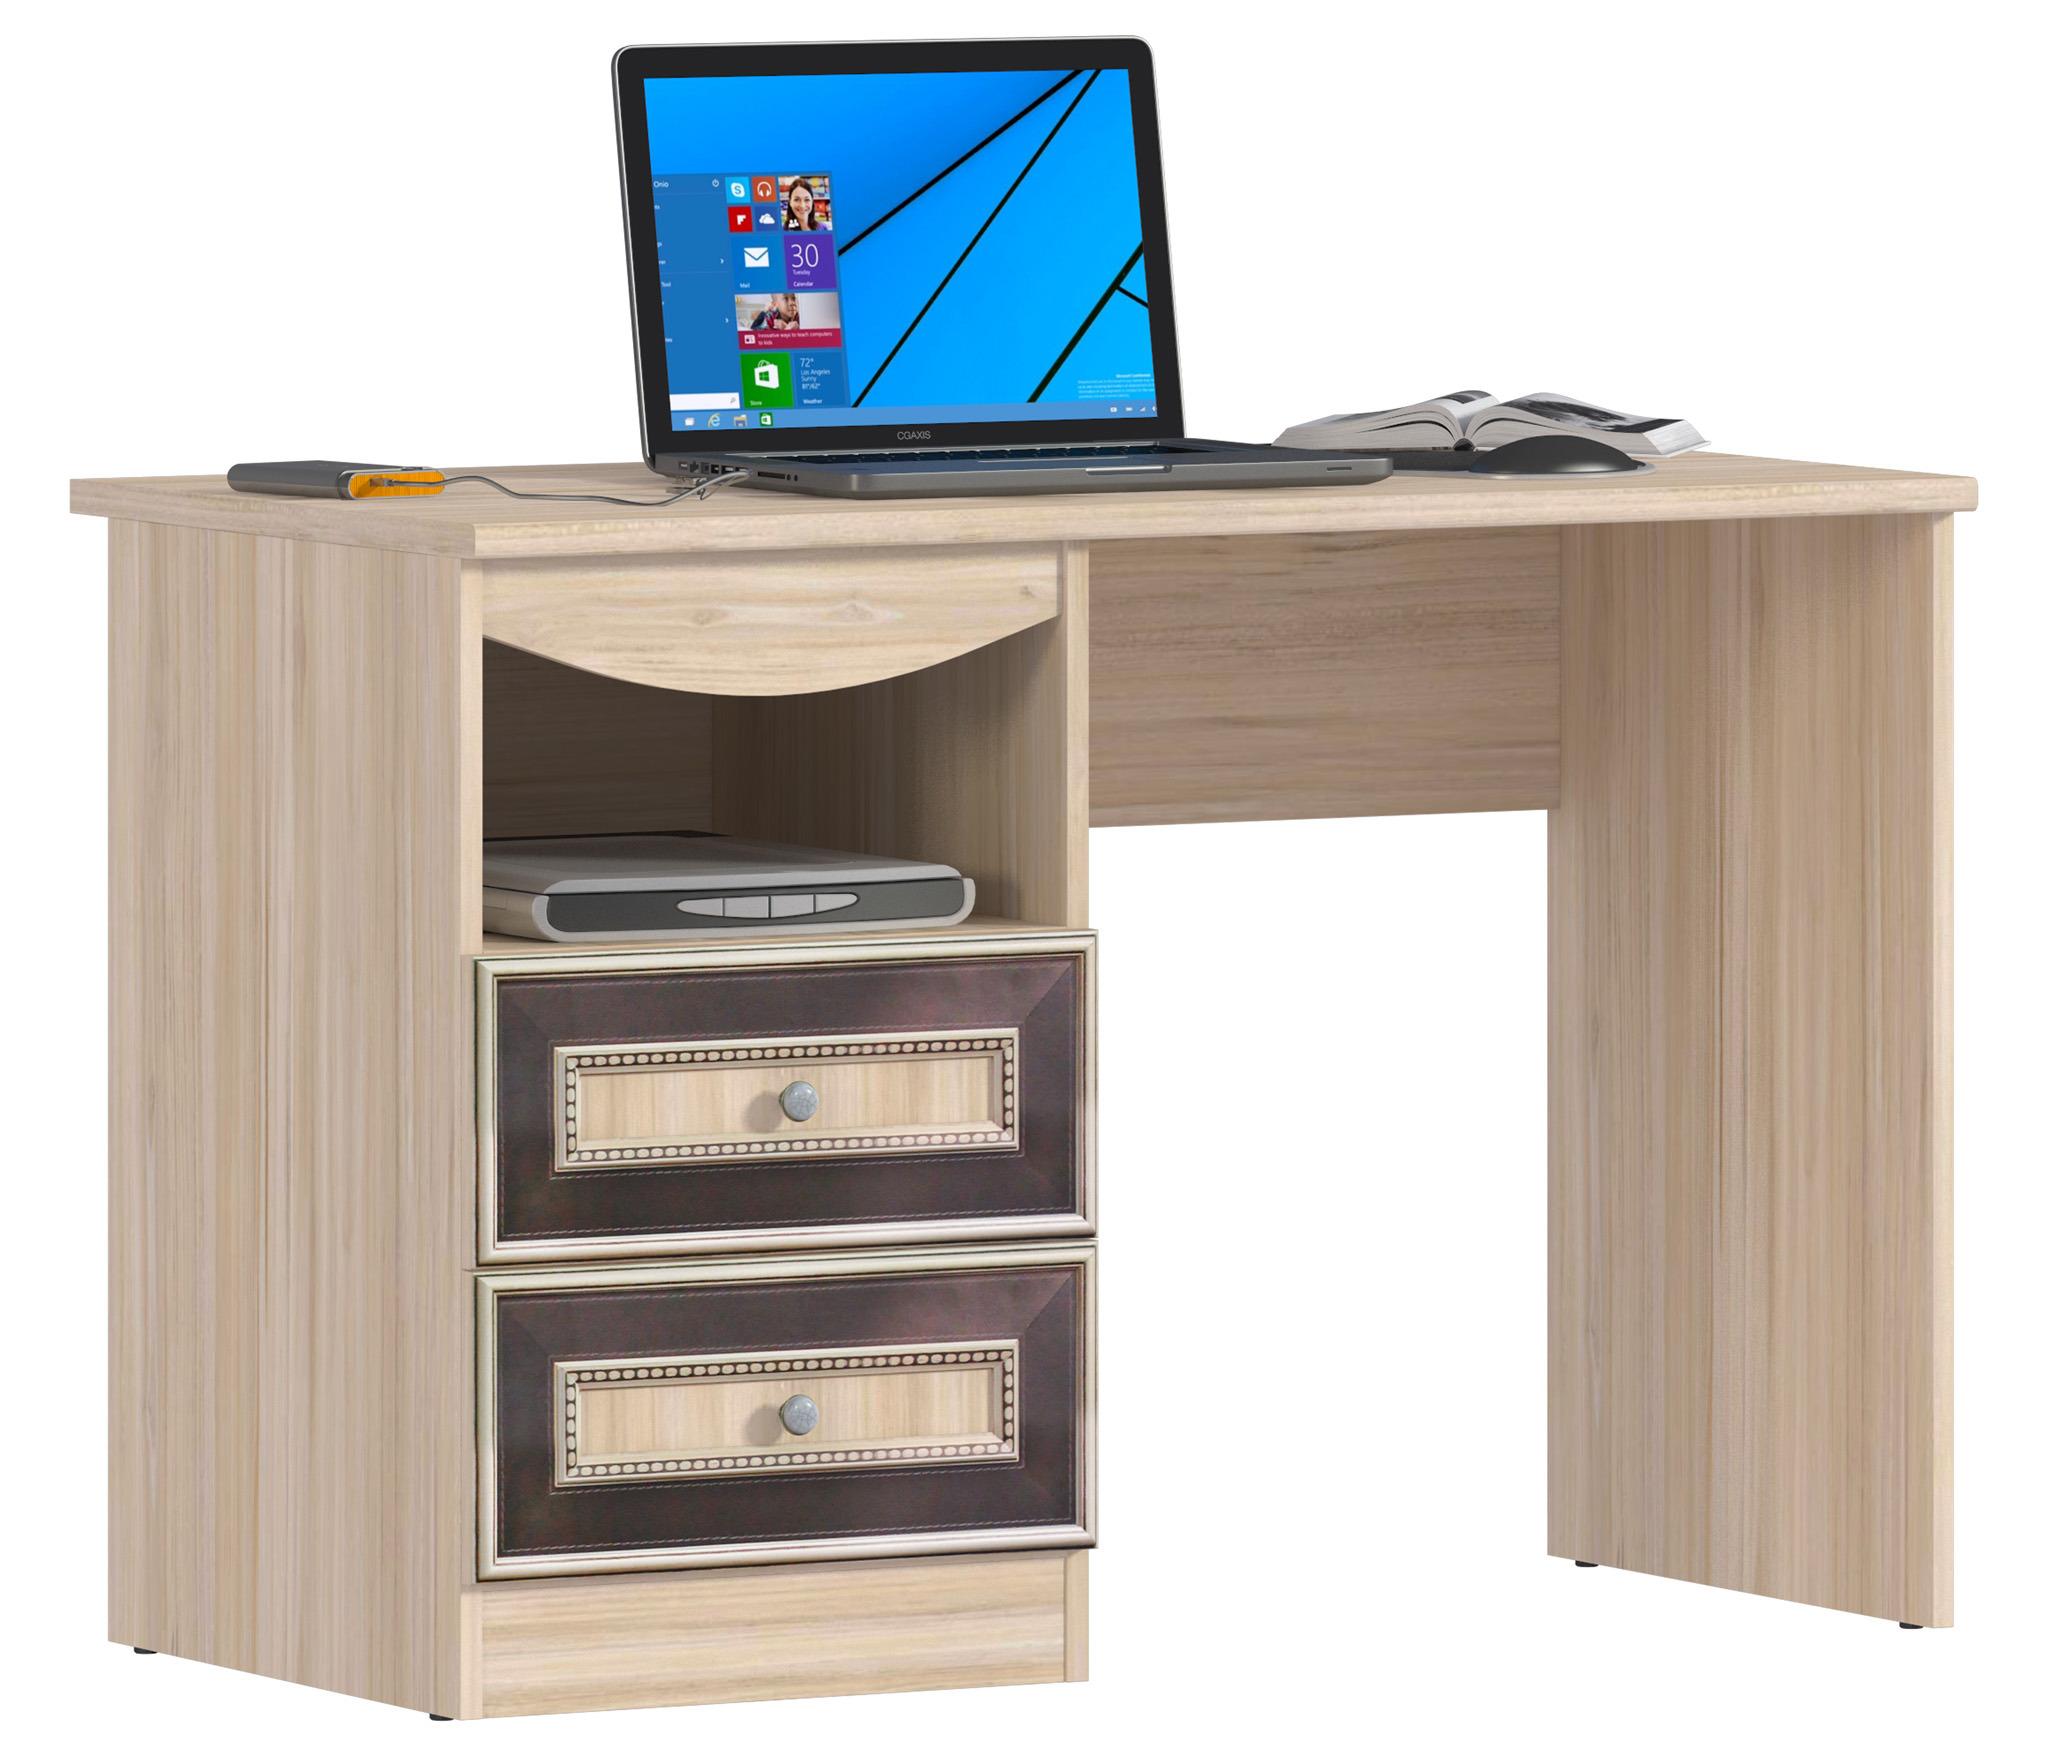 Персей СБ-1987 СтолДетские парты, столы и стулья<br>Удобный письменный стол   обязательный атрибут в любой современной квартире. А Персей СБ-1987 Стол – это не просто предмет мебели, а удивительно привлекательная и функциональная вещь. Качественная с высокопрочным покрытием столешница, одна открытая и две выдвигающиеся полки, органичная конструкция, оставляющая простор ногам, которые можно расположить в наиболее удобной позе – все это делает стол из серии  Персей  желанным гостем и в кабинете, и в молодежной комнате. Особо хочется подчеркнуть цветовое и фактурное решение. Светлая пастель «Слива Табеа» с ярко выраженной древесной структурой привносит в обстановку деловые и, в то же время, изысканные нотки. За таким столом и работается плодотворней.